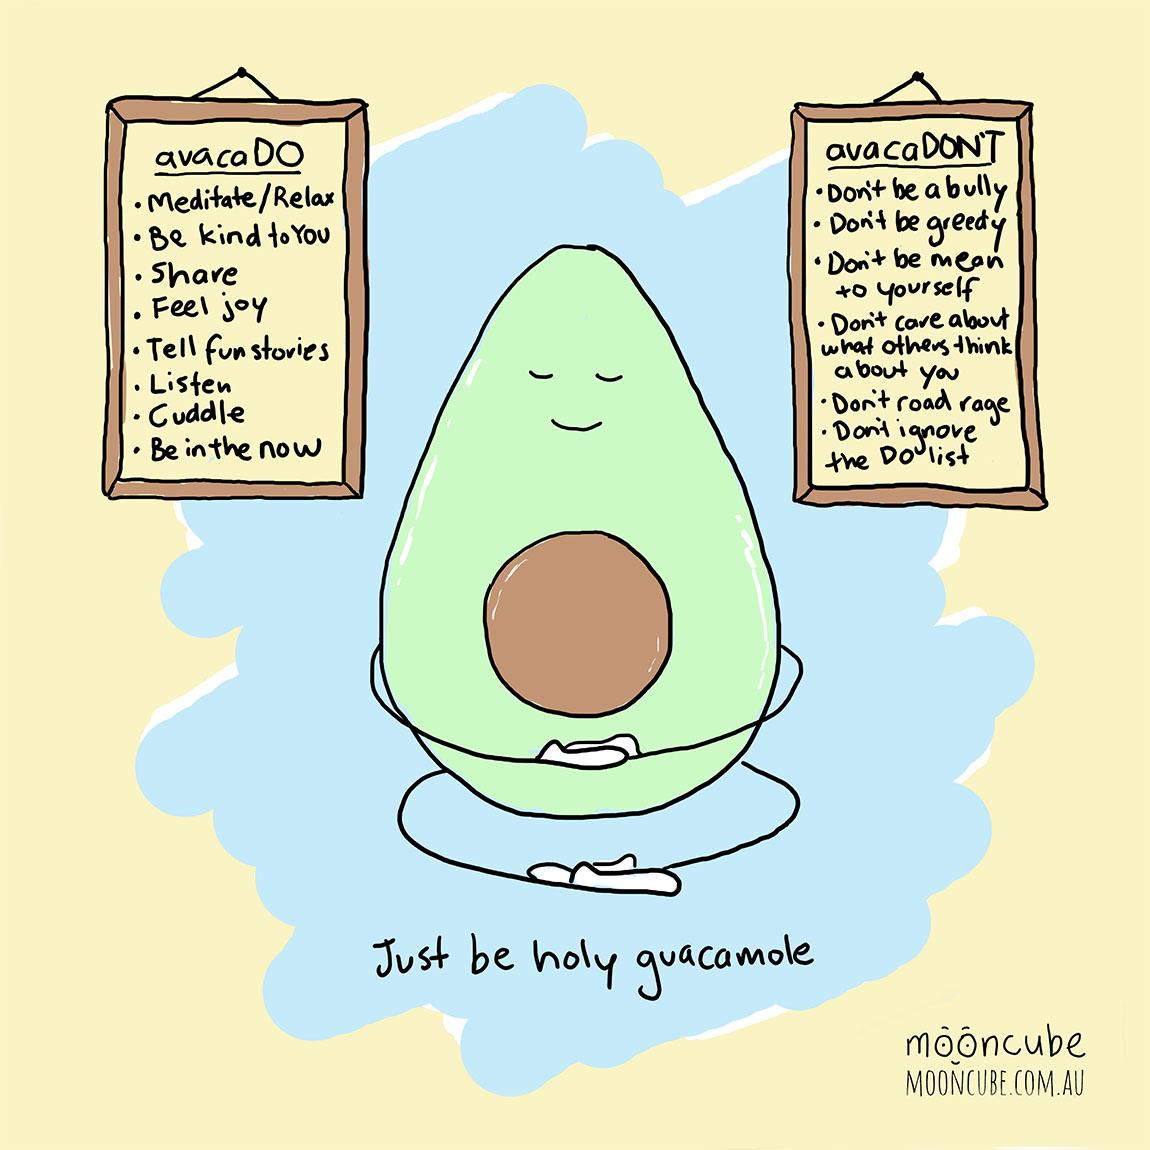 mooncube Artist, Cartoonist. Avocado meditating.